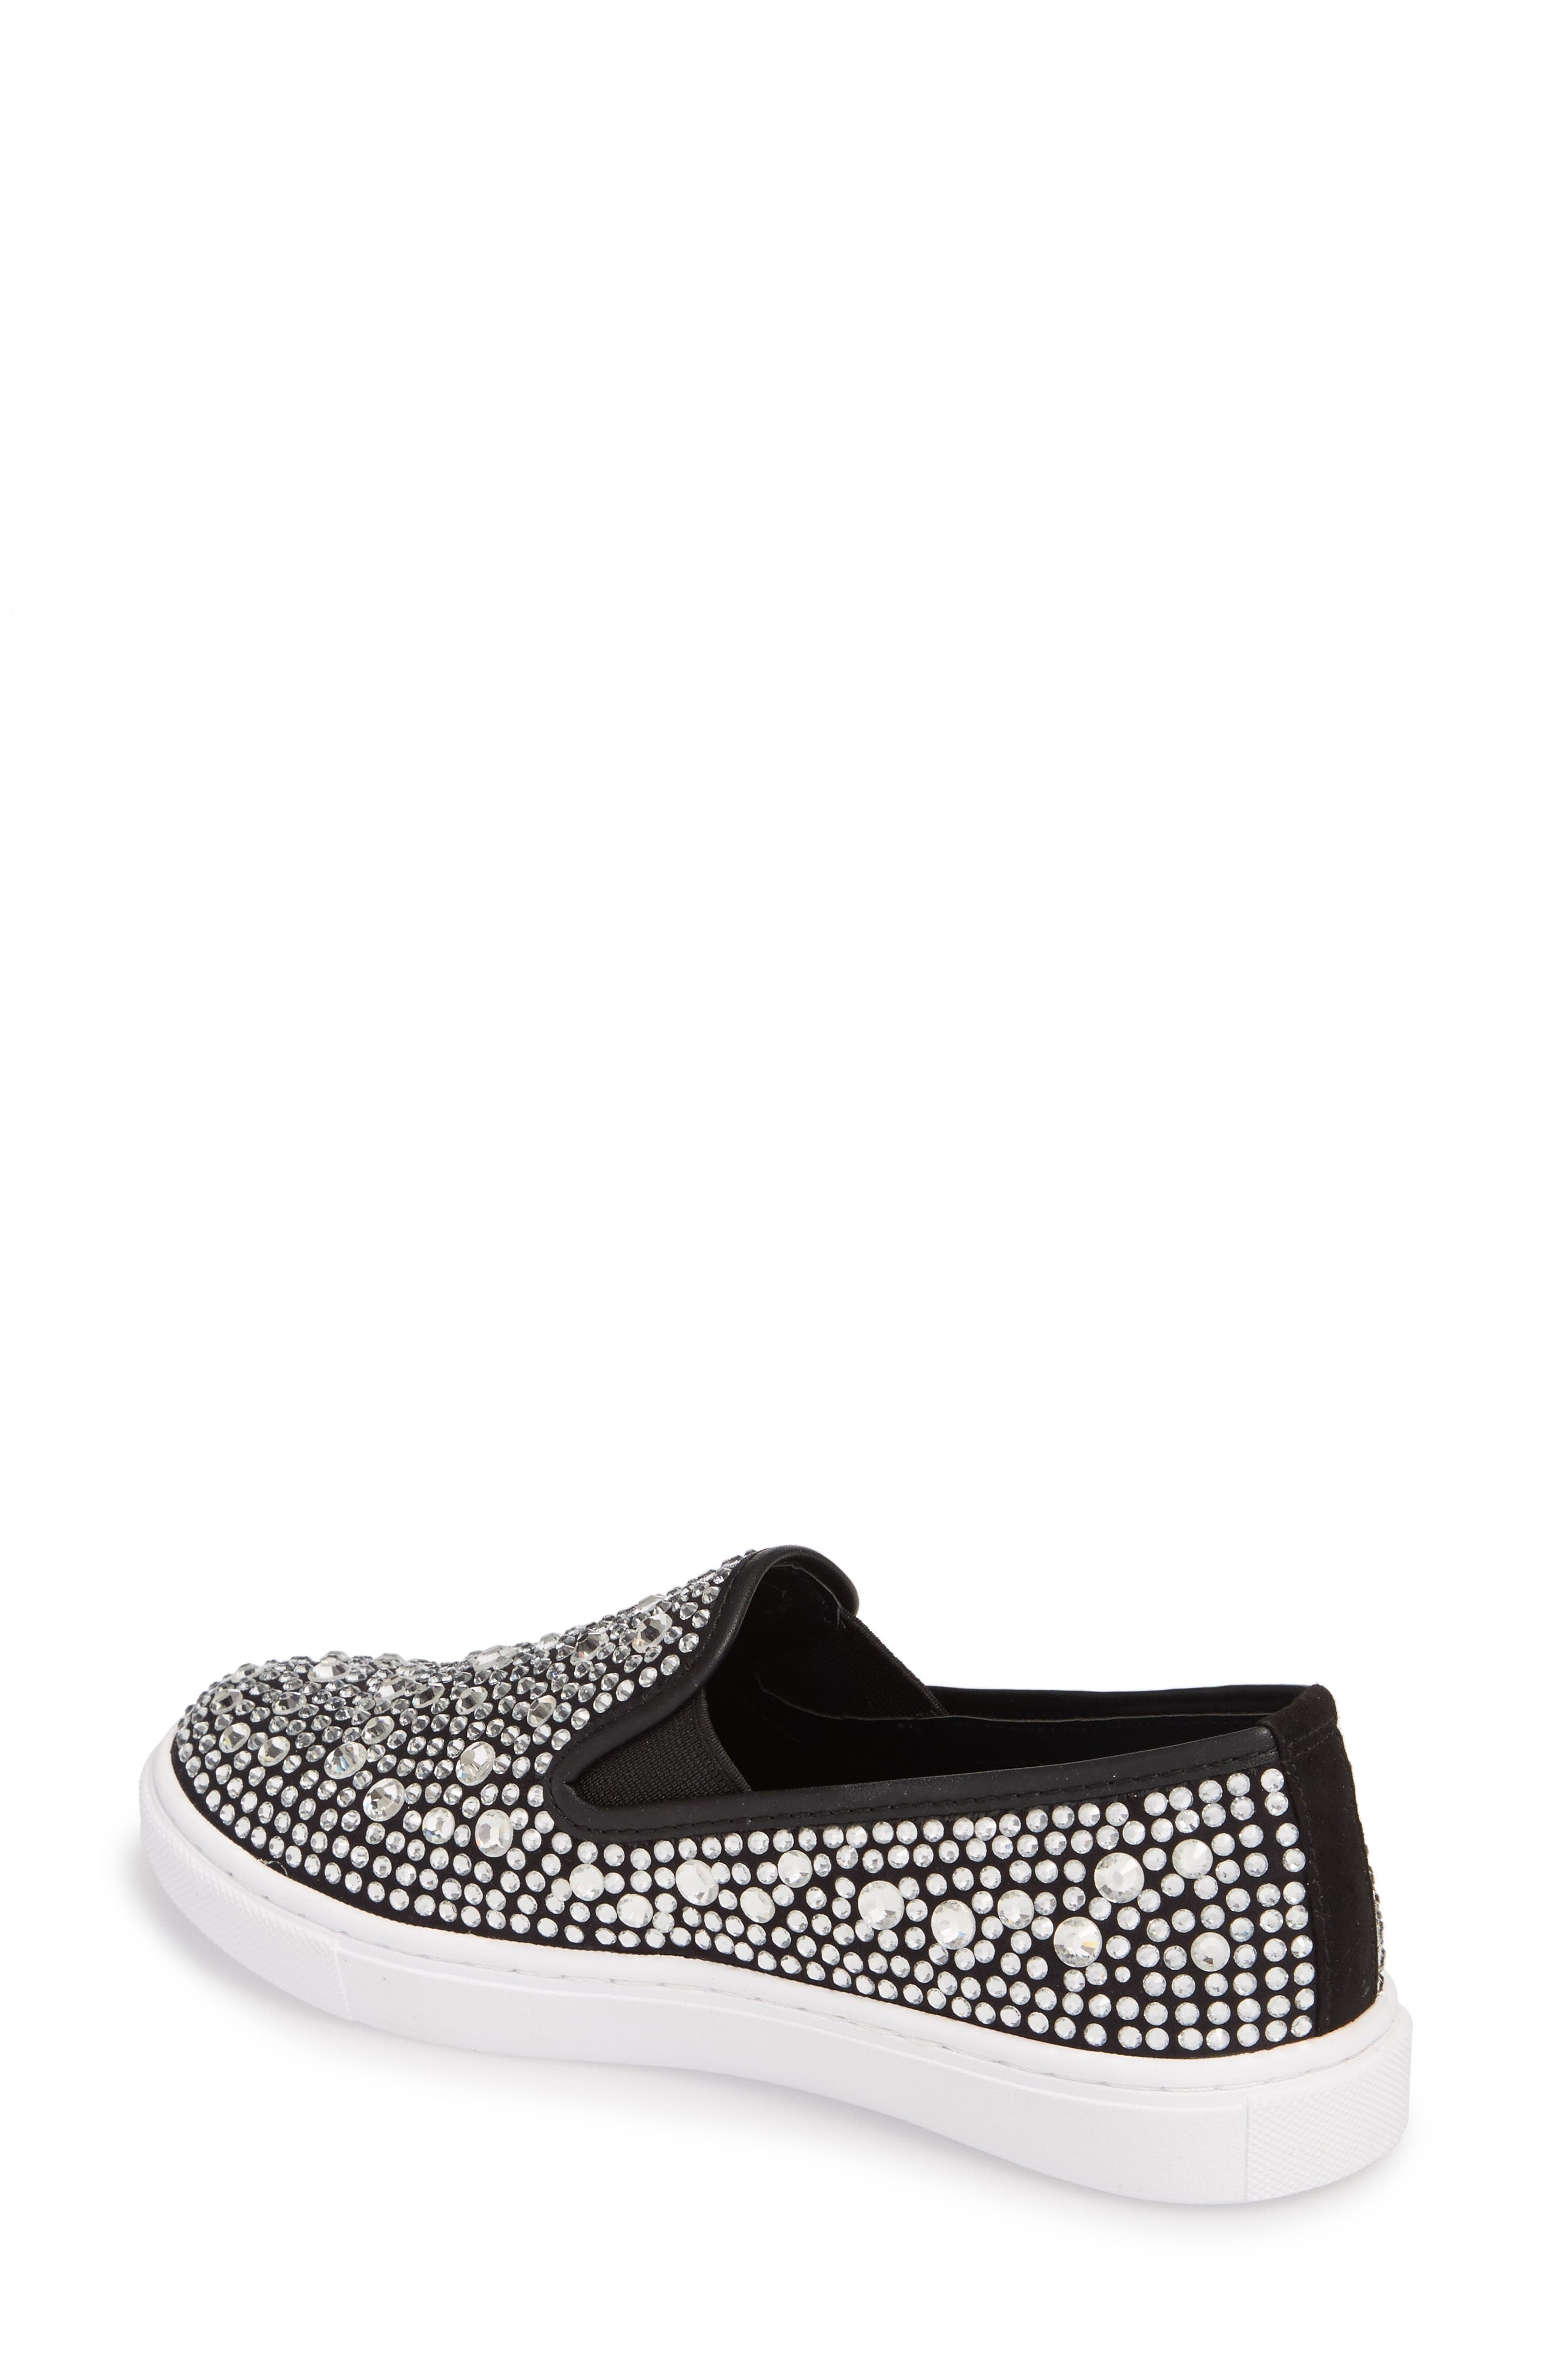 Evada Crystal Embellished Slip-On Sneaker,                             Alternate thumbnail 2, color,                             040